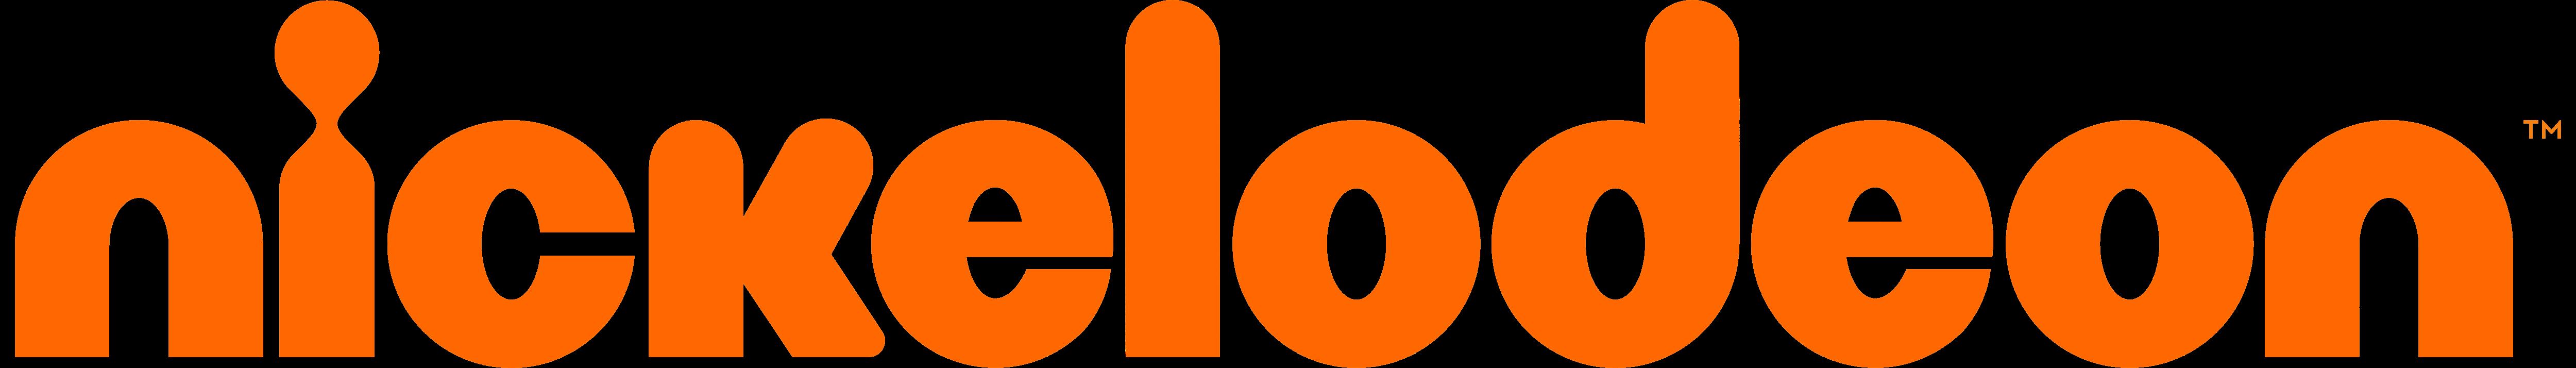 Nickelodeon (Sealandia and Zivia)